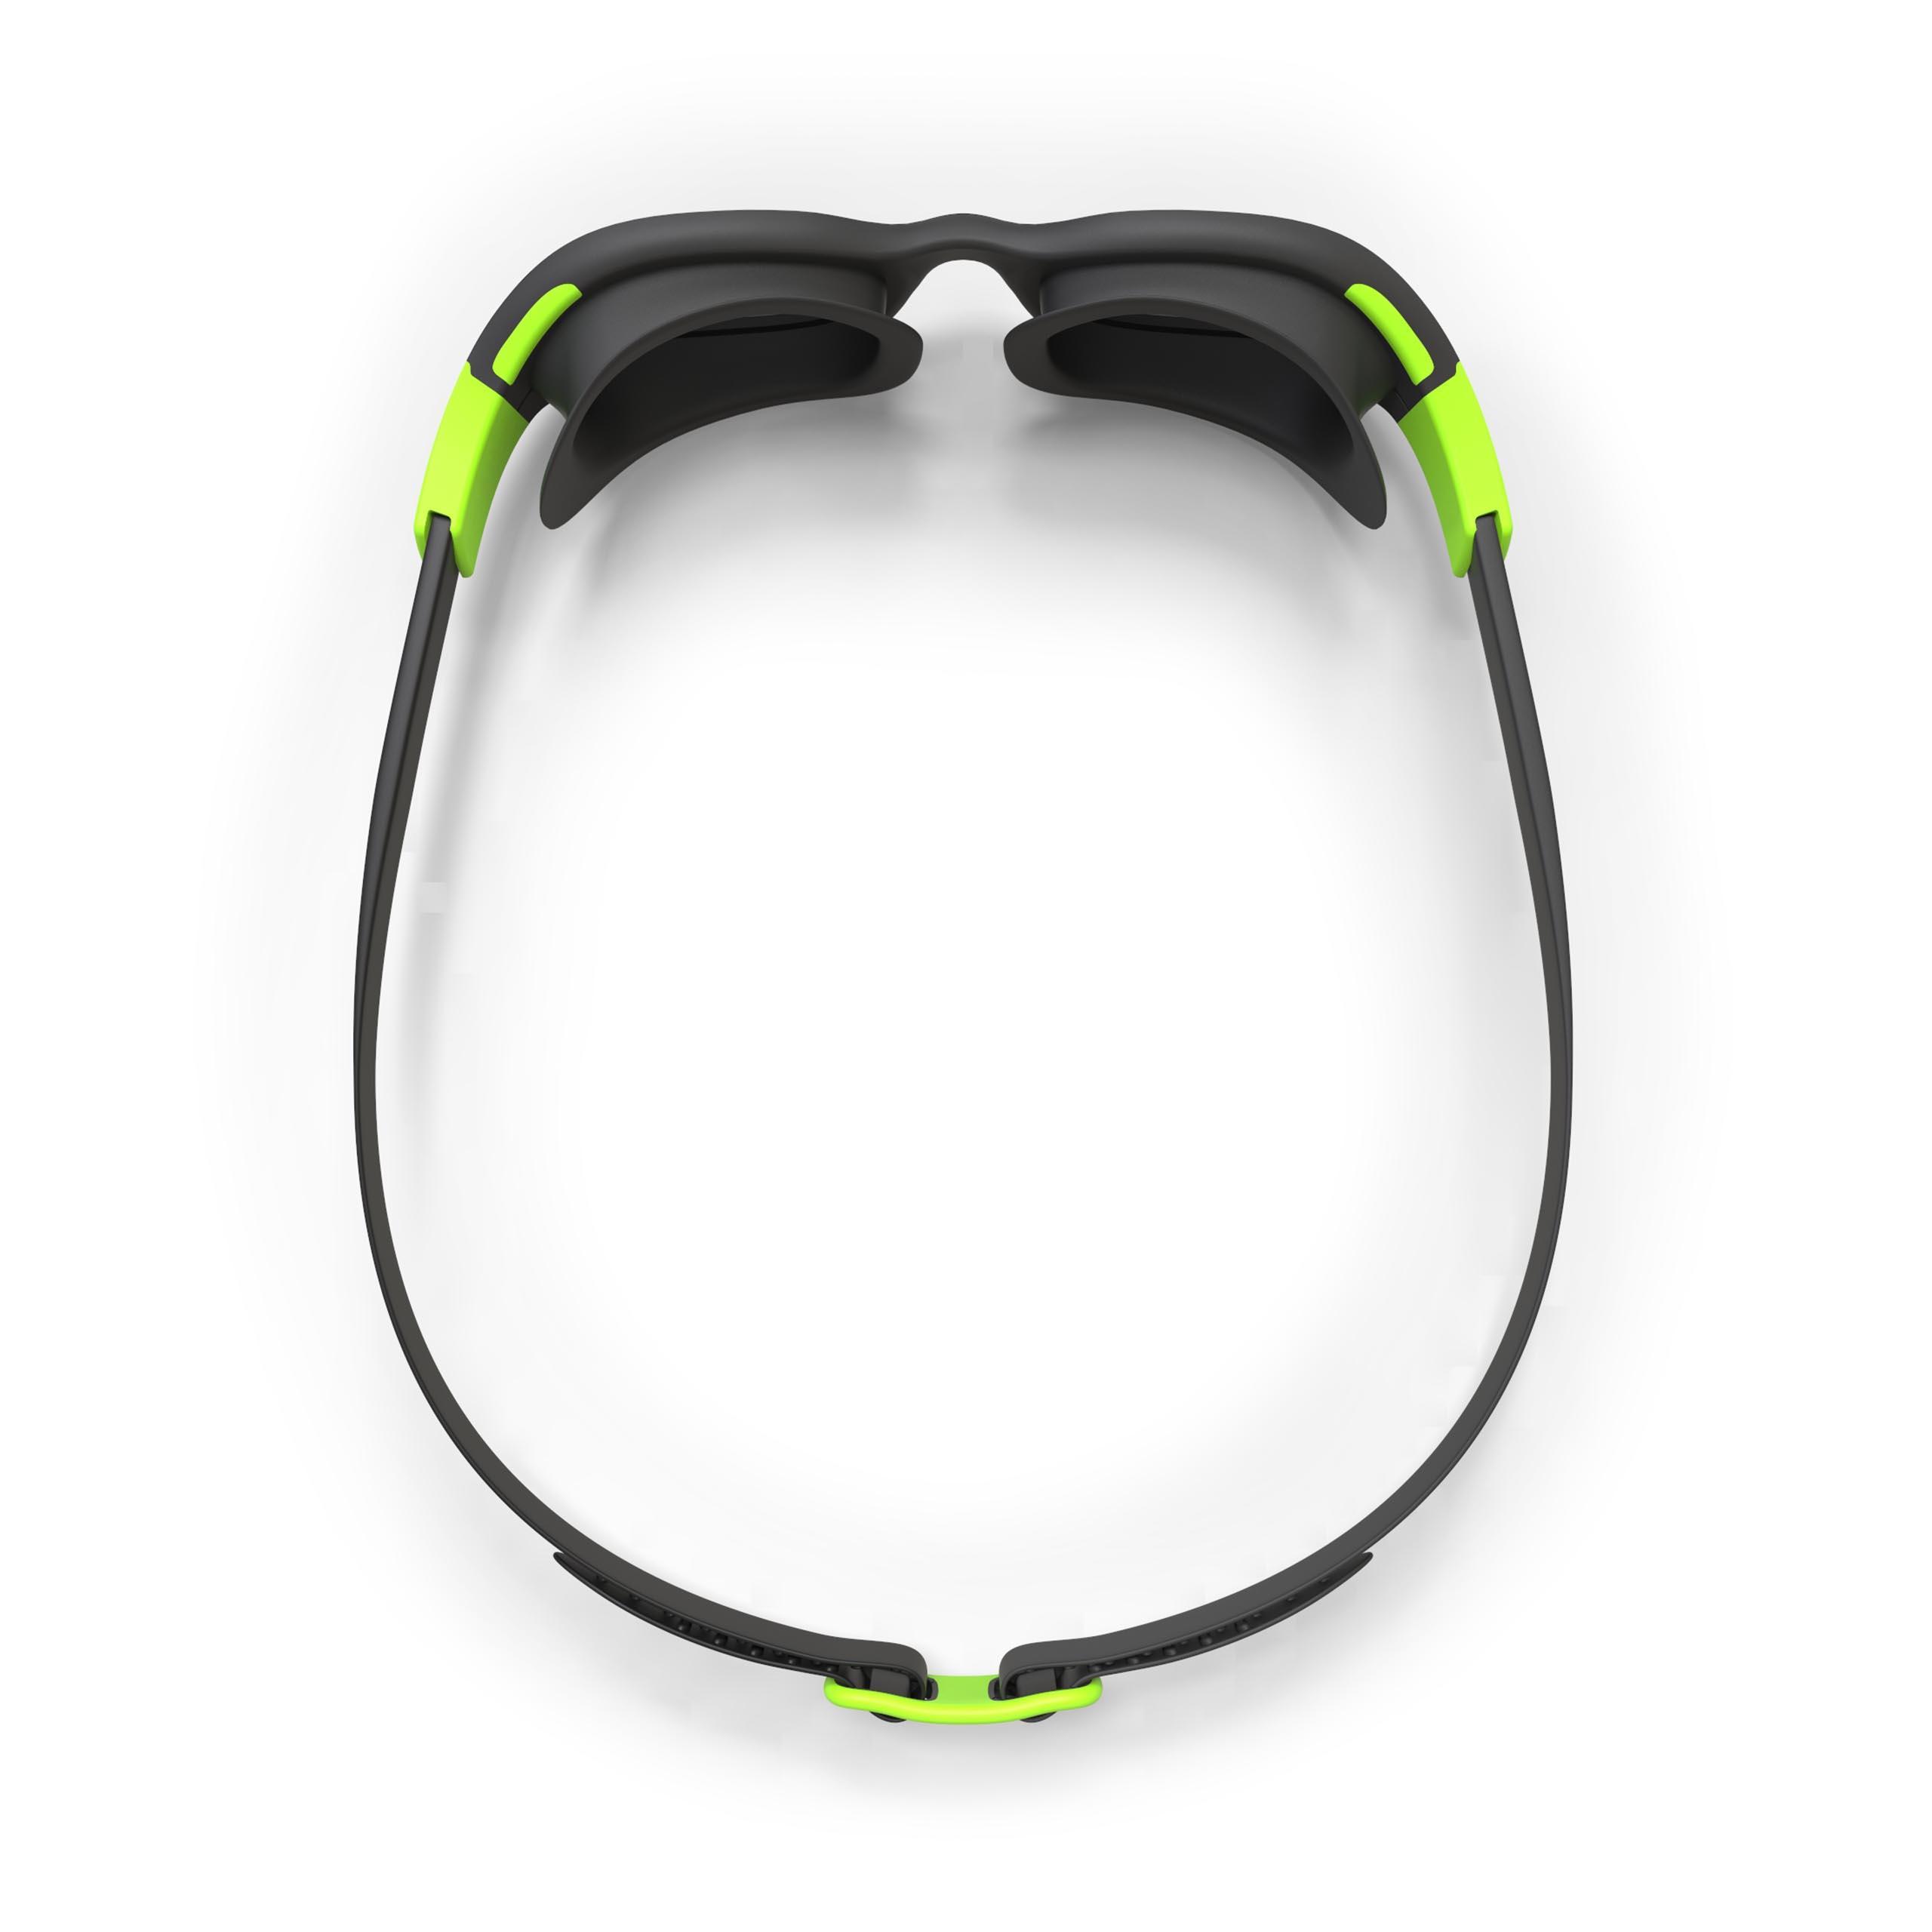 Lunettes de natation EASYDOW noir vert Taille G